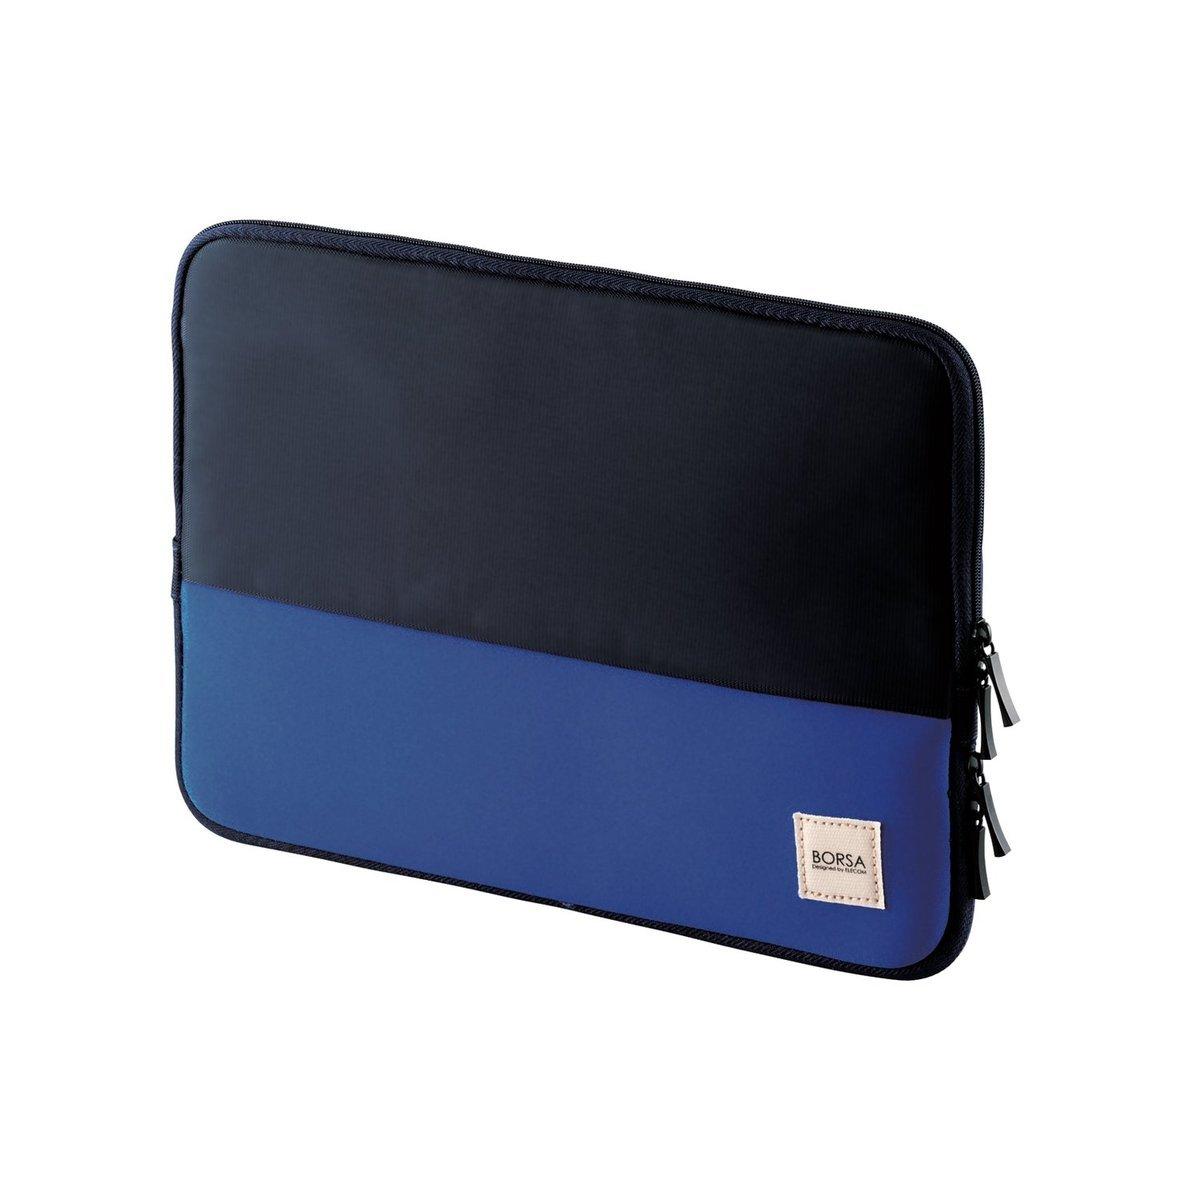 薄型收納袋(深藍色)